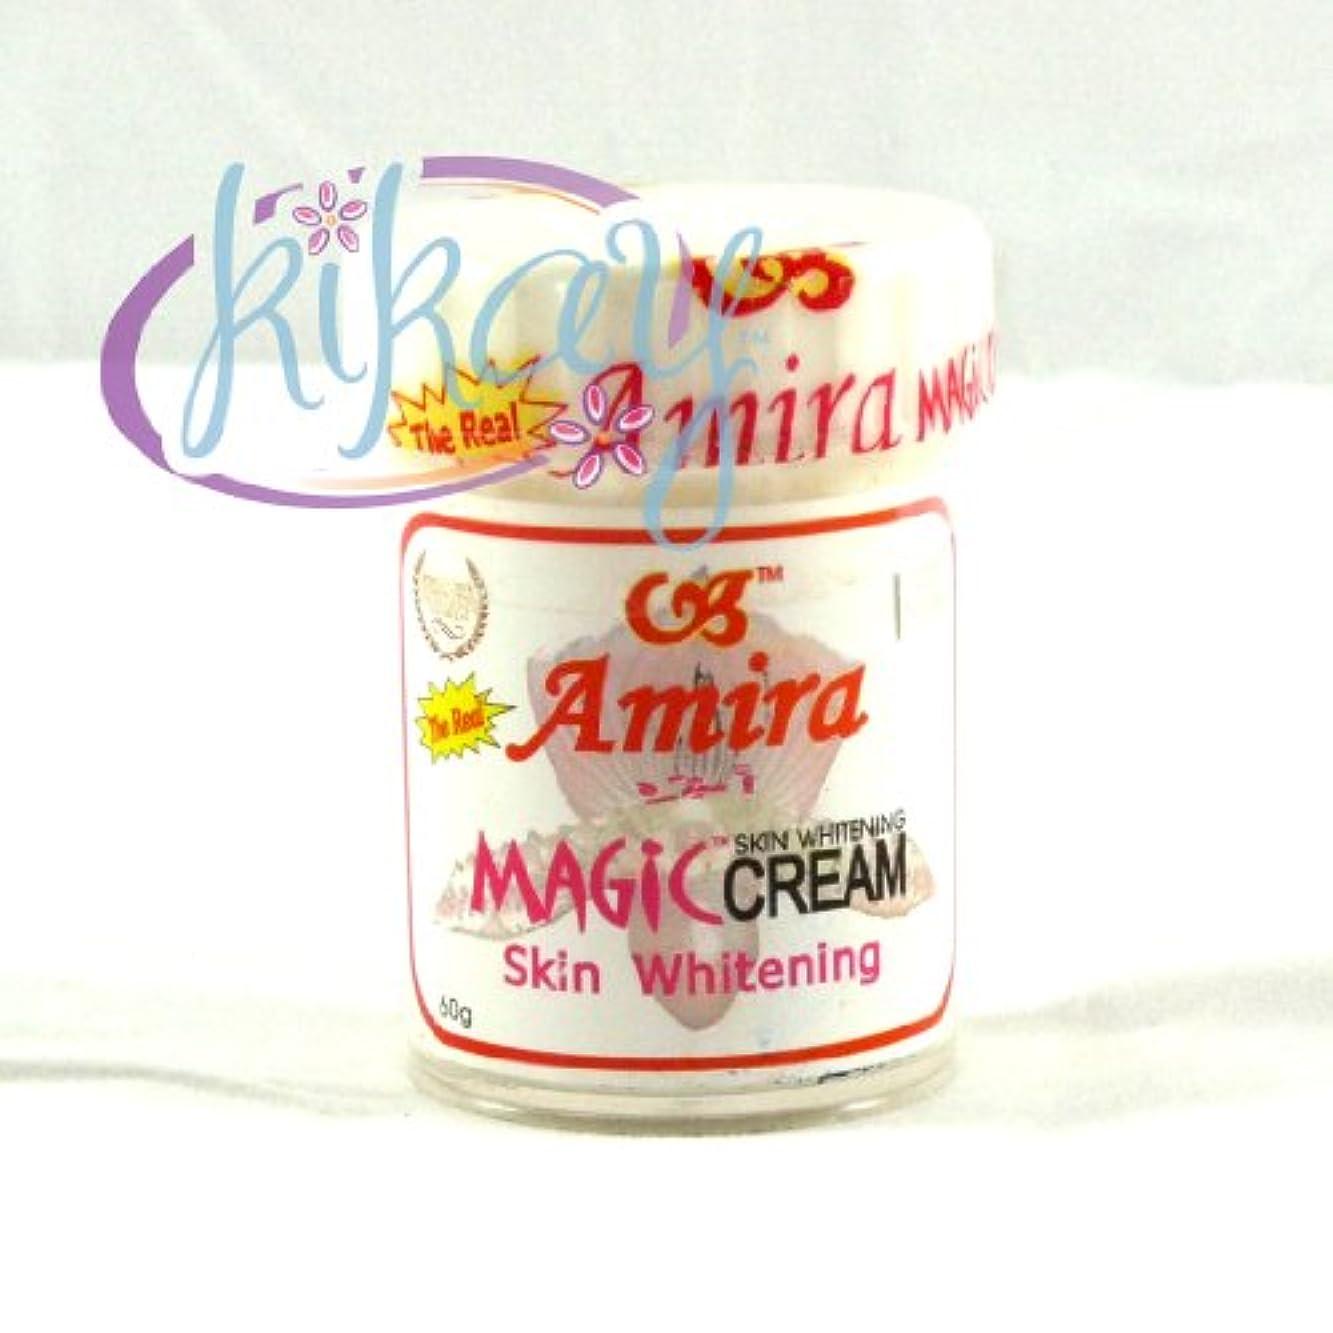 バイオリニスト親愛な粉砕するAMIRA THE REAL MAGIC CREAM【SKIN WHITENING CREAM 60g】PHILIPPINES〈スキン ホワイトニング クリーム〉フィリピン